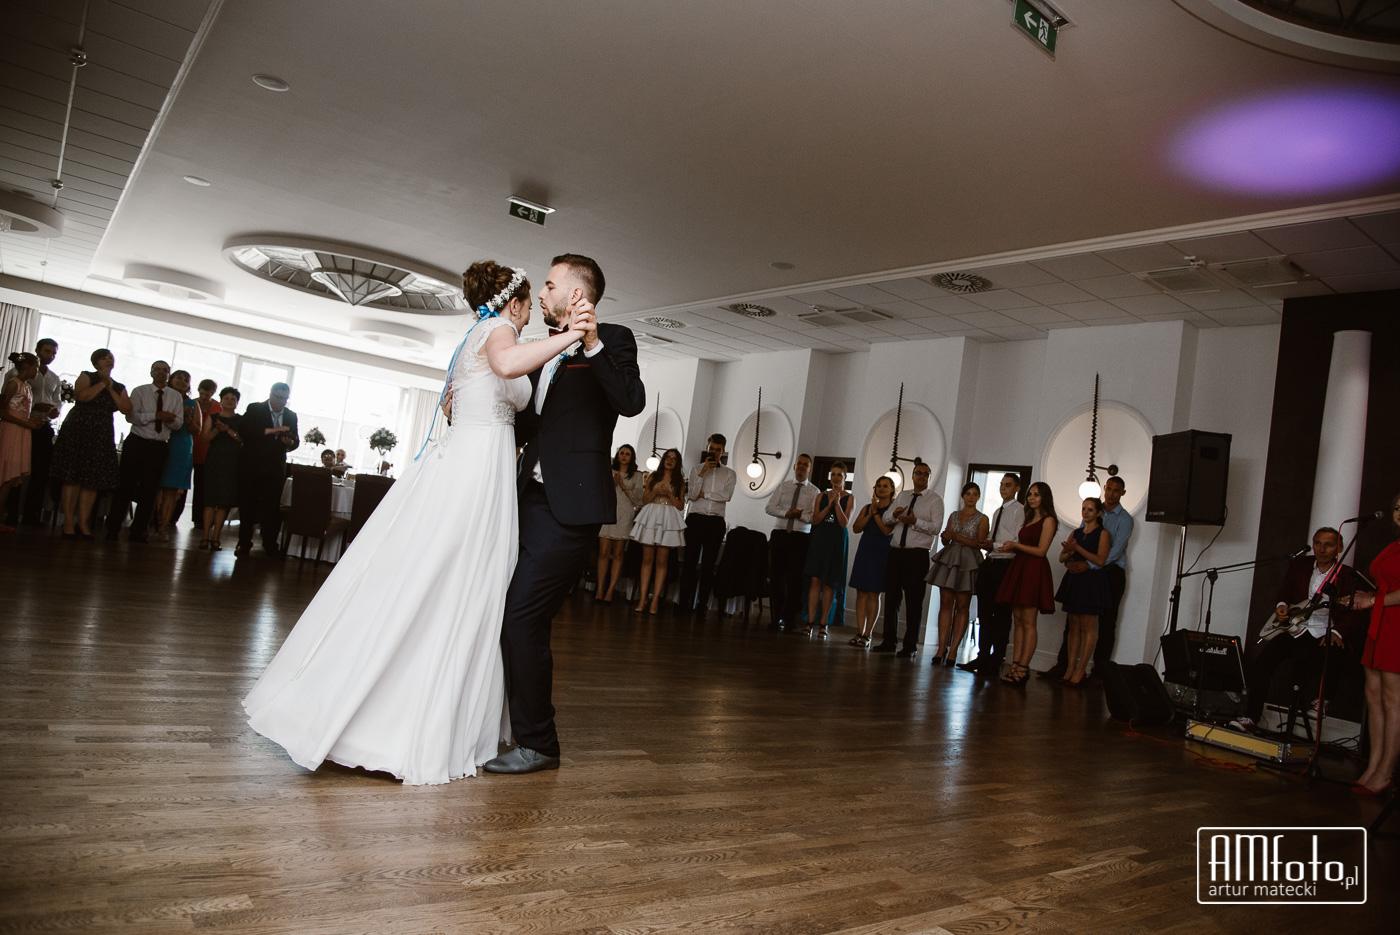 0543_Renata&Jakub_fotoreportaz_zdzieszowice_gogolin_hotel_vertigo____www-amfoto-pl__AMF_7858.jpg